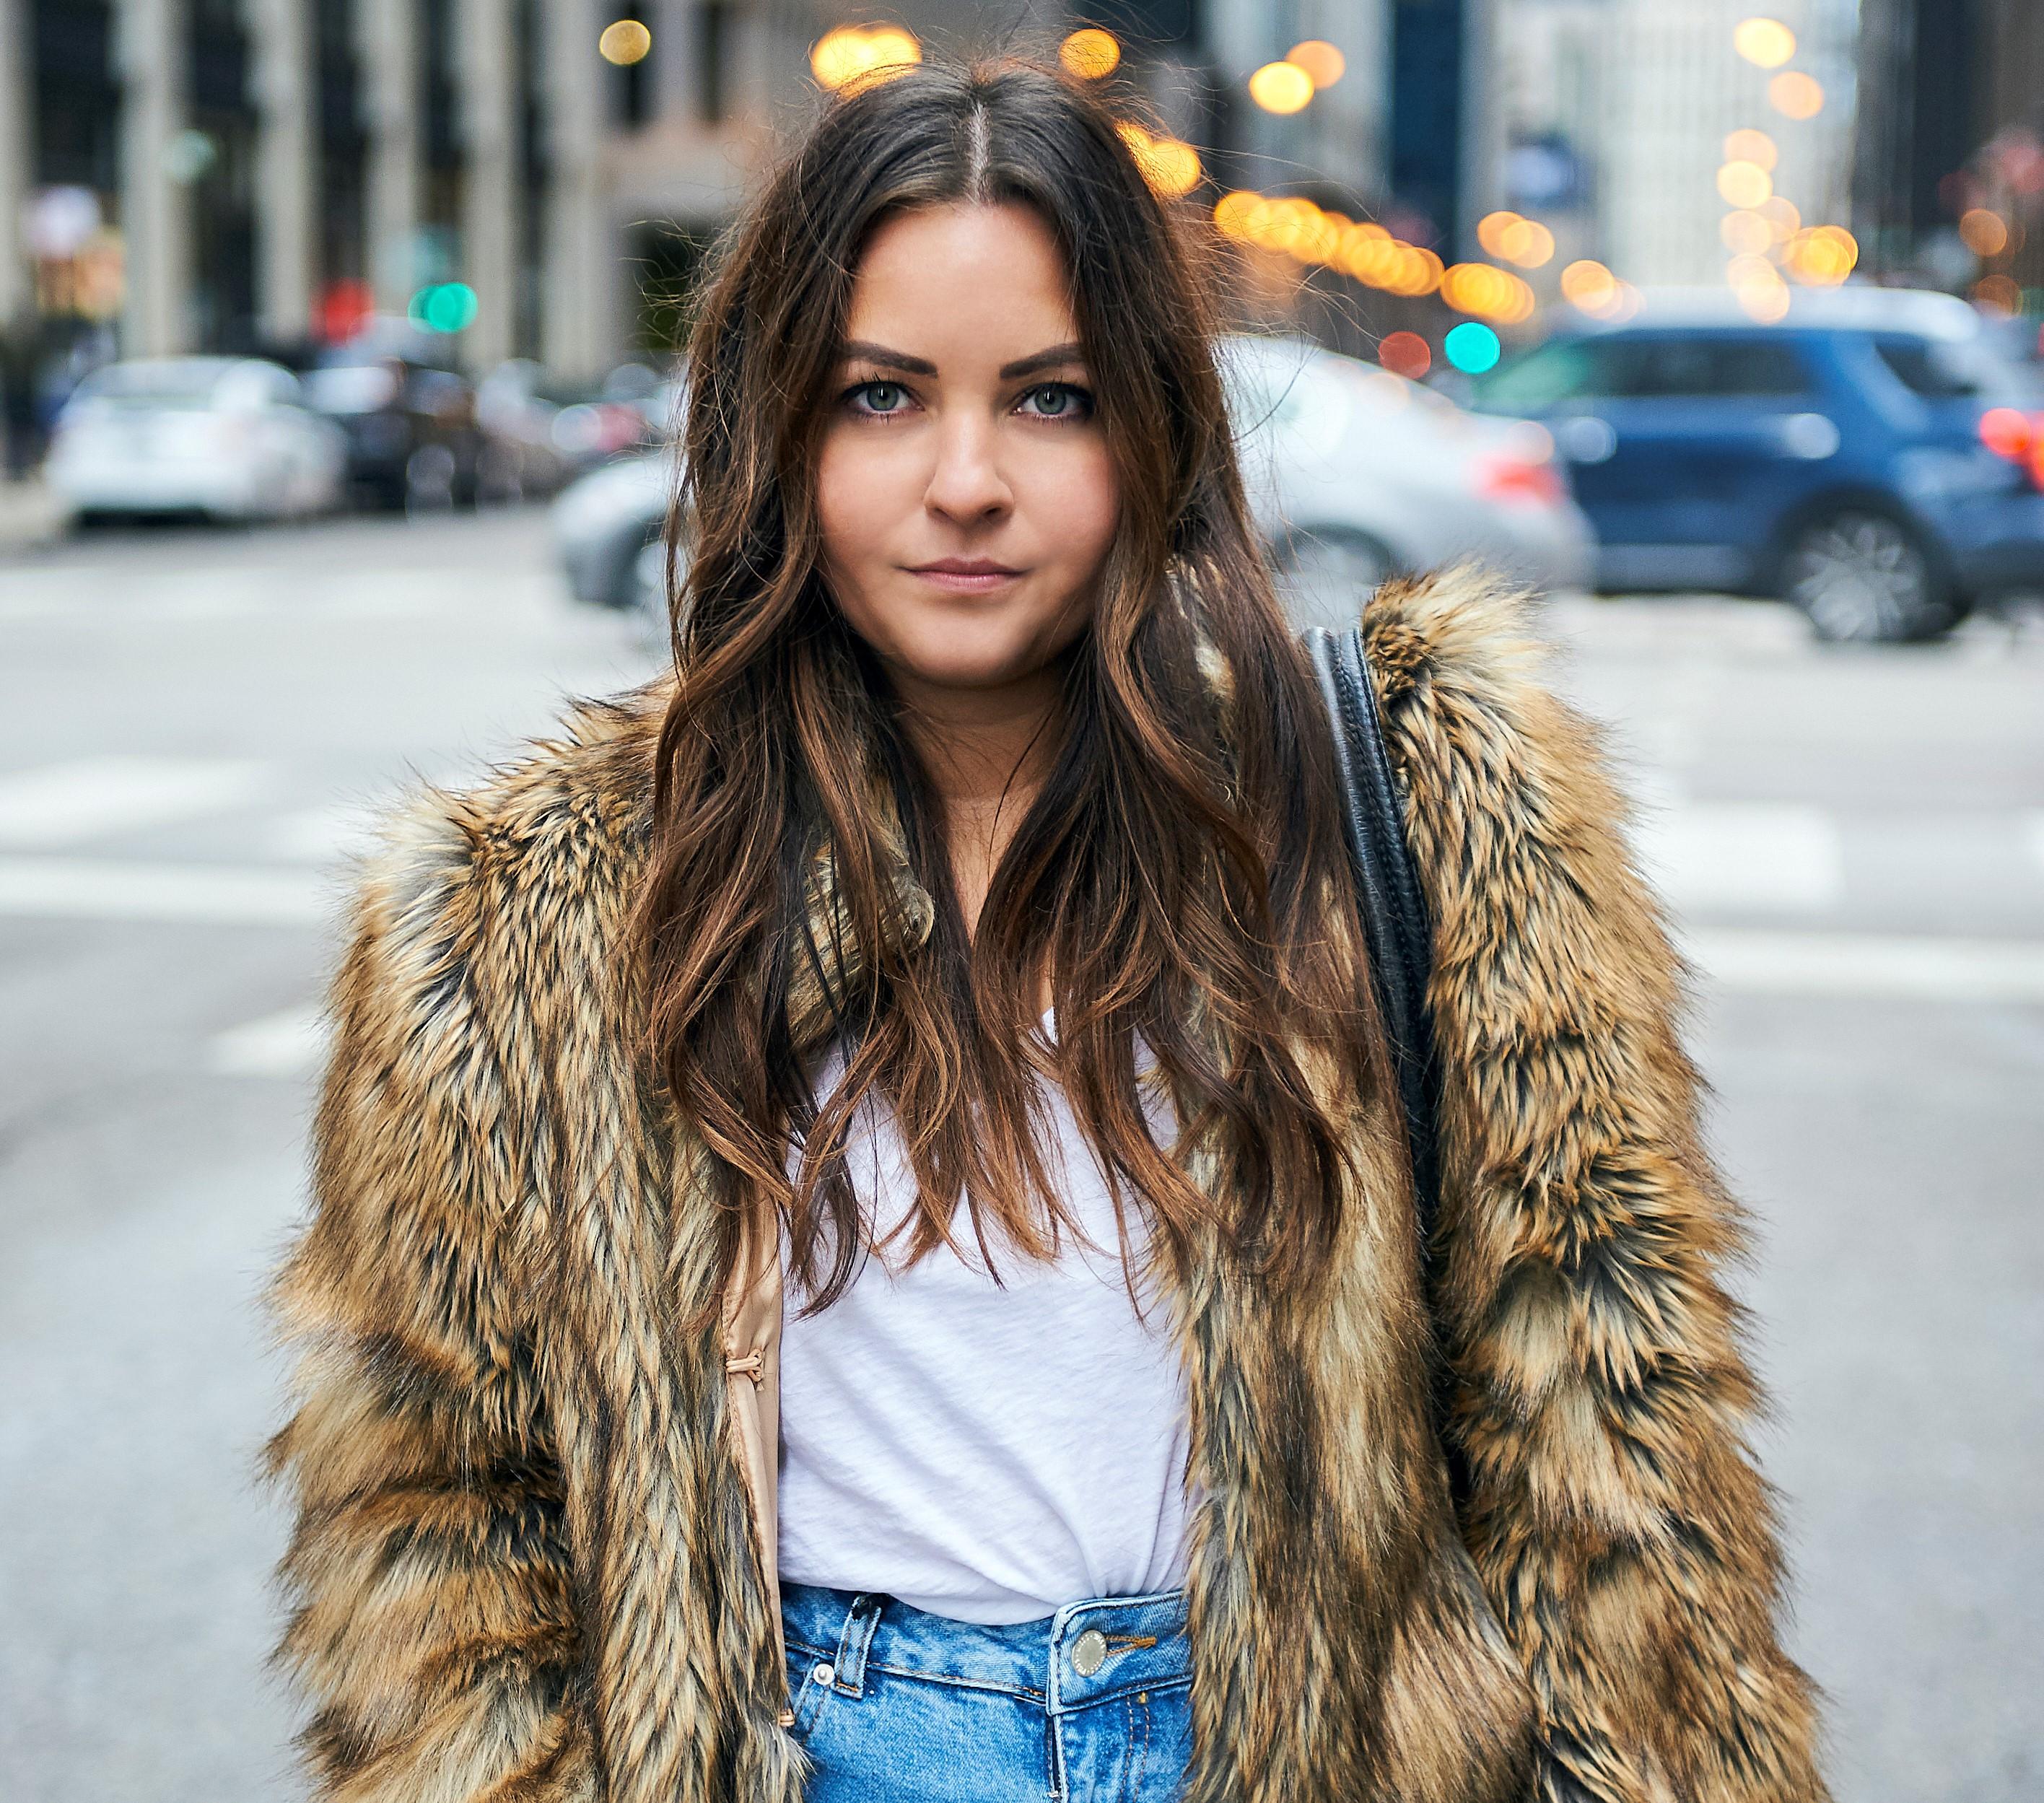 Ela Bobak - blogger focusing on fashion, travel, lifestyle